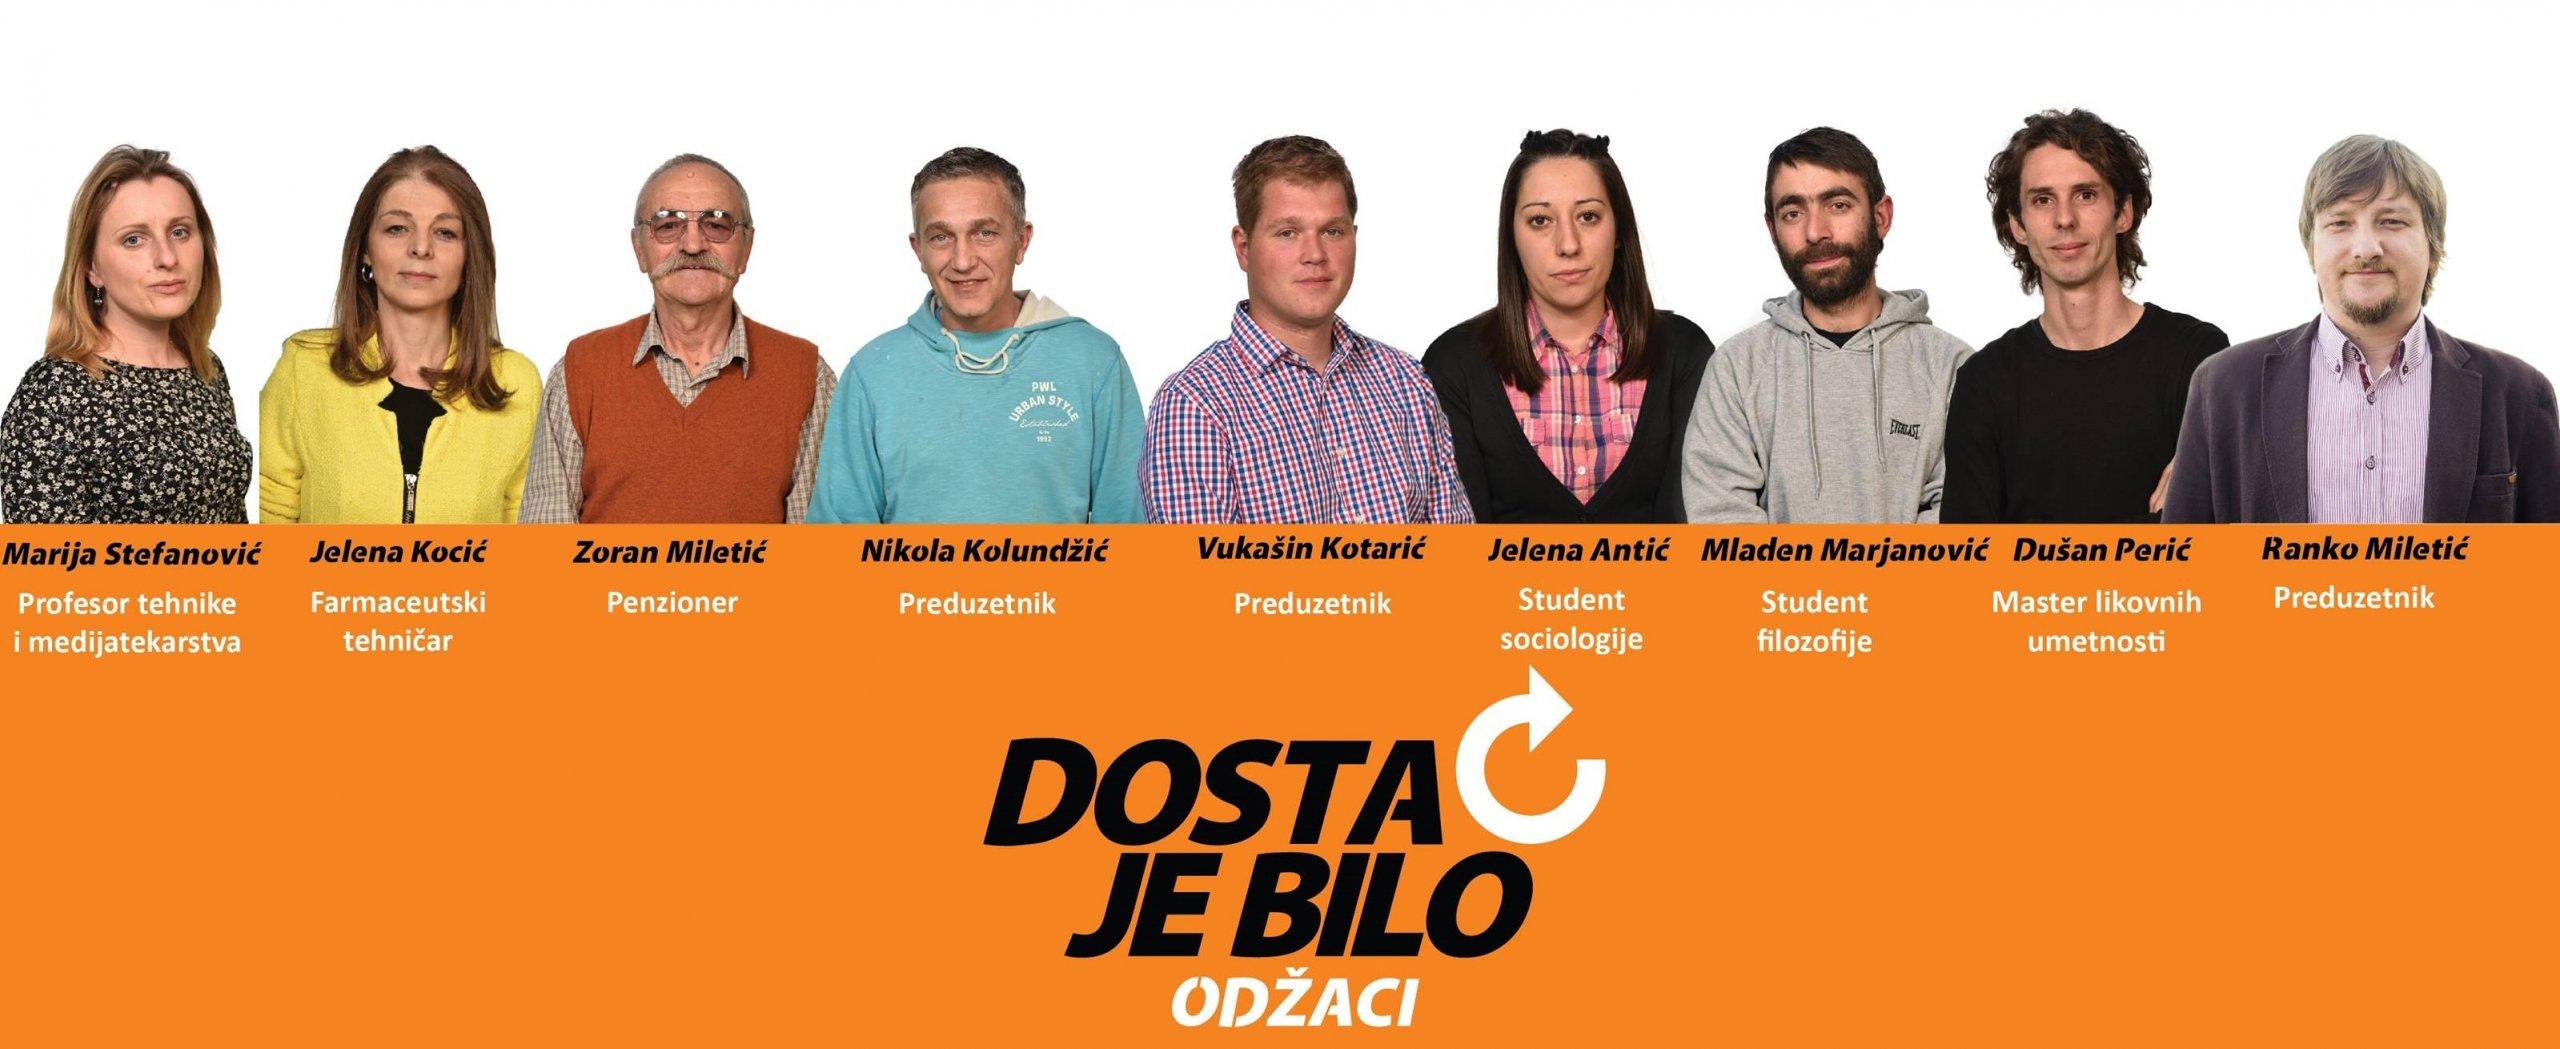 Odžaci-kandidati-1